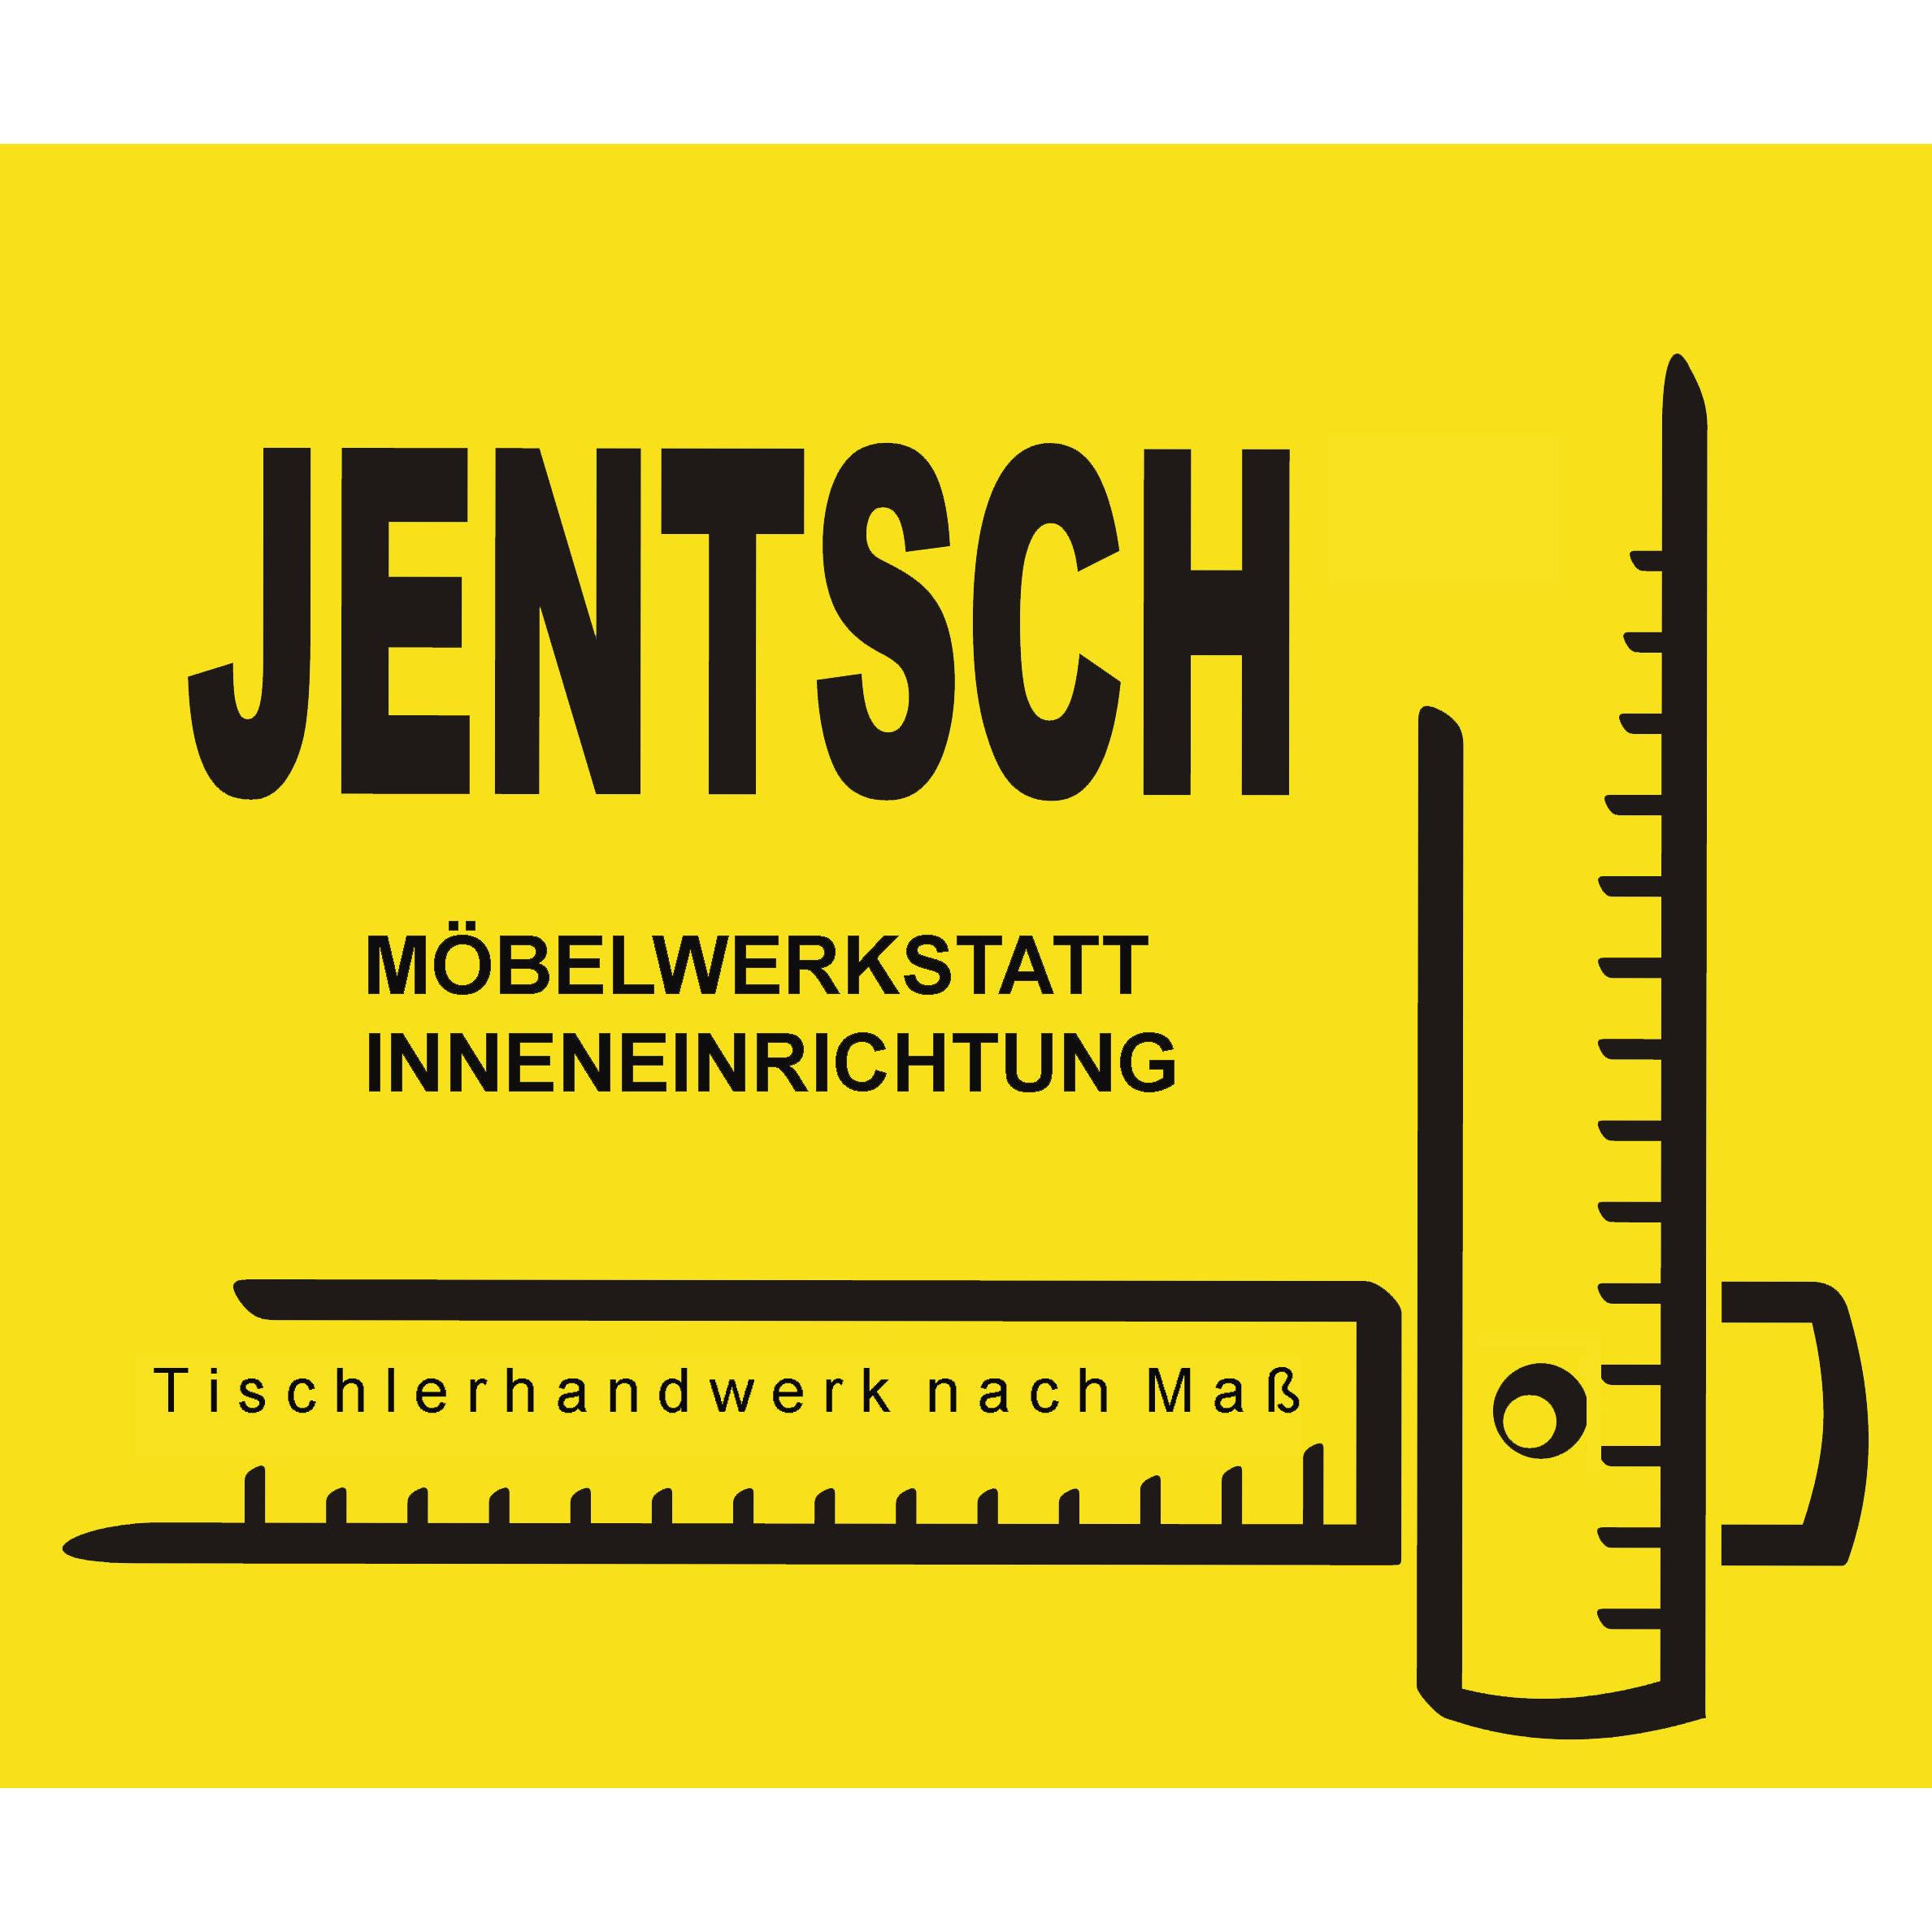 Bild zu Tischlerei JENTSCH - Möbelwerkstatt & Inneneinrichtung in Chemnitz